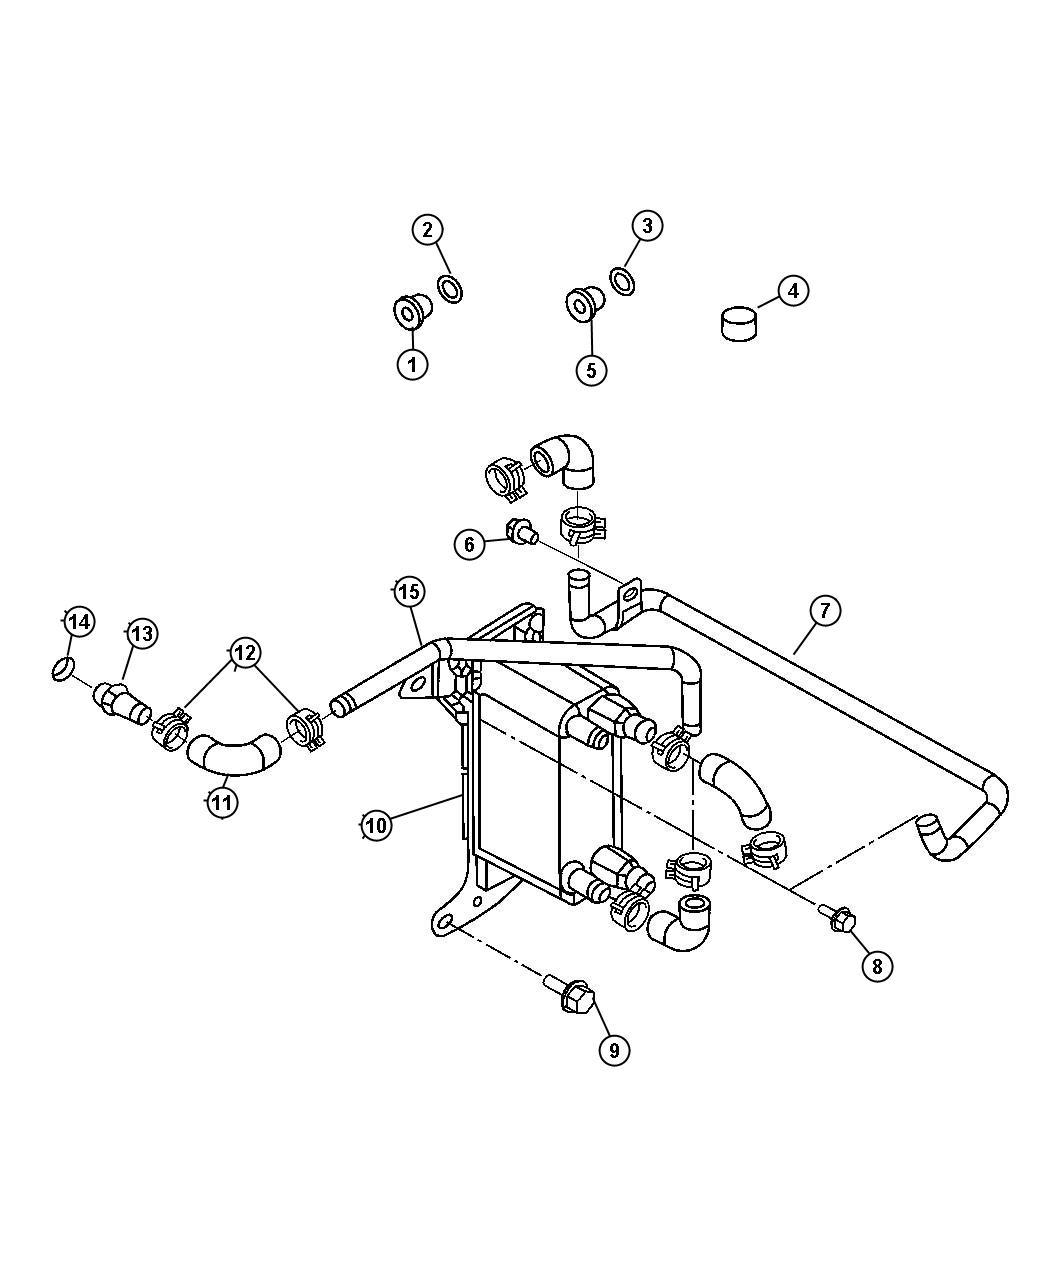 Chevy Lumina Wiring Diagram